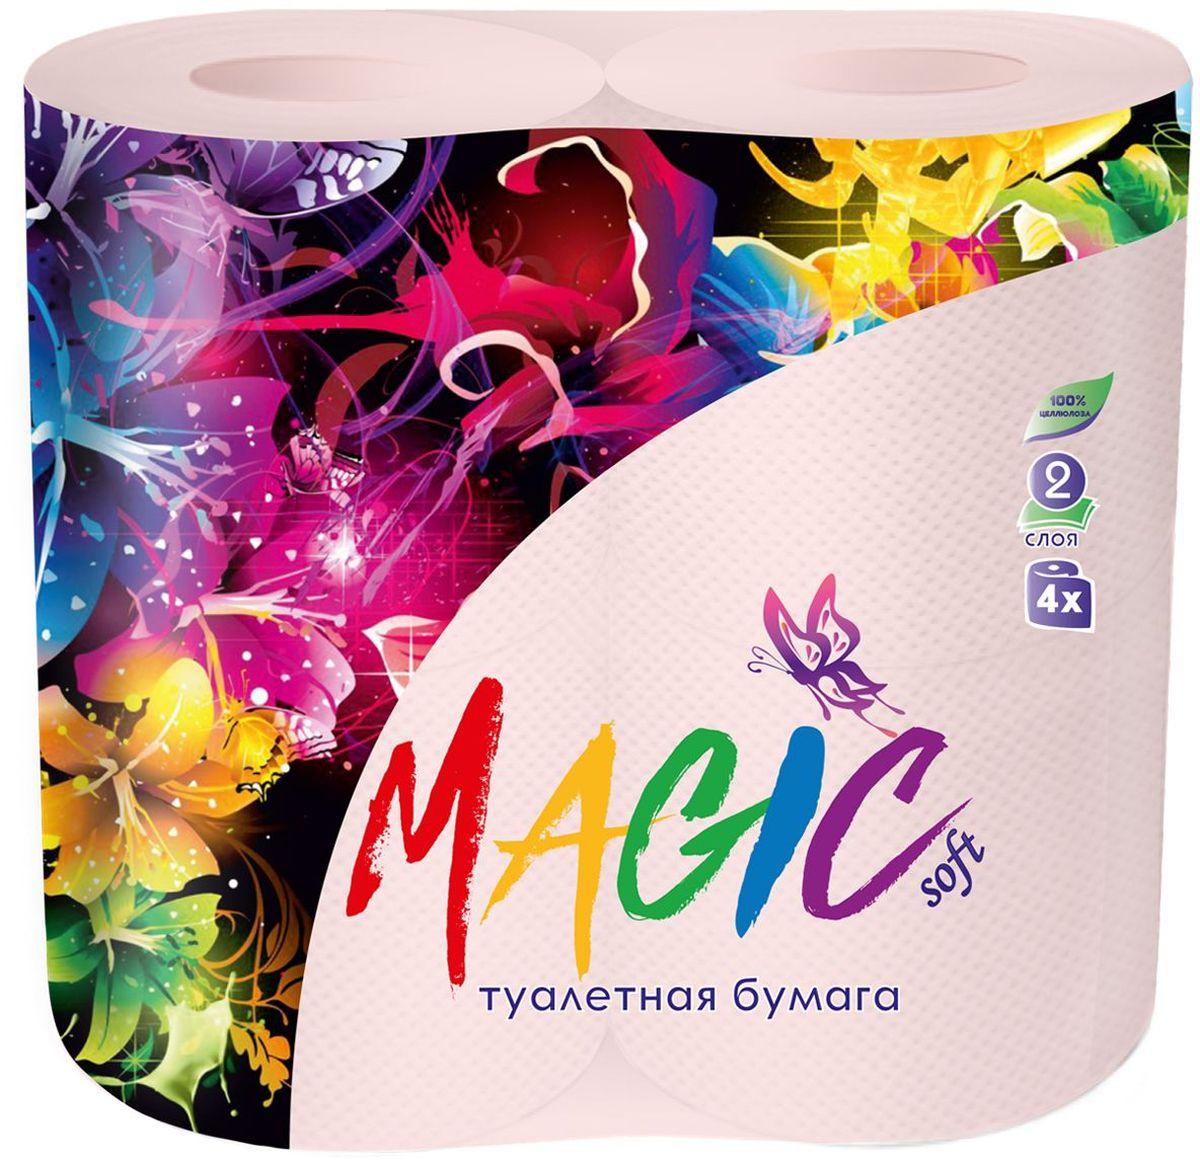 Туалетная бумага Magic Soft, цвет: розовый, 4 рулона67742Для бытового и санитарно-гигиенического назначения. Одноразового использования.